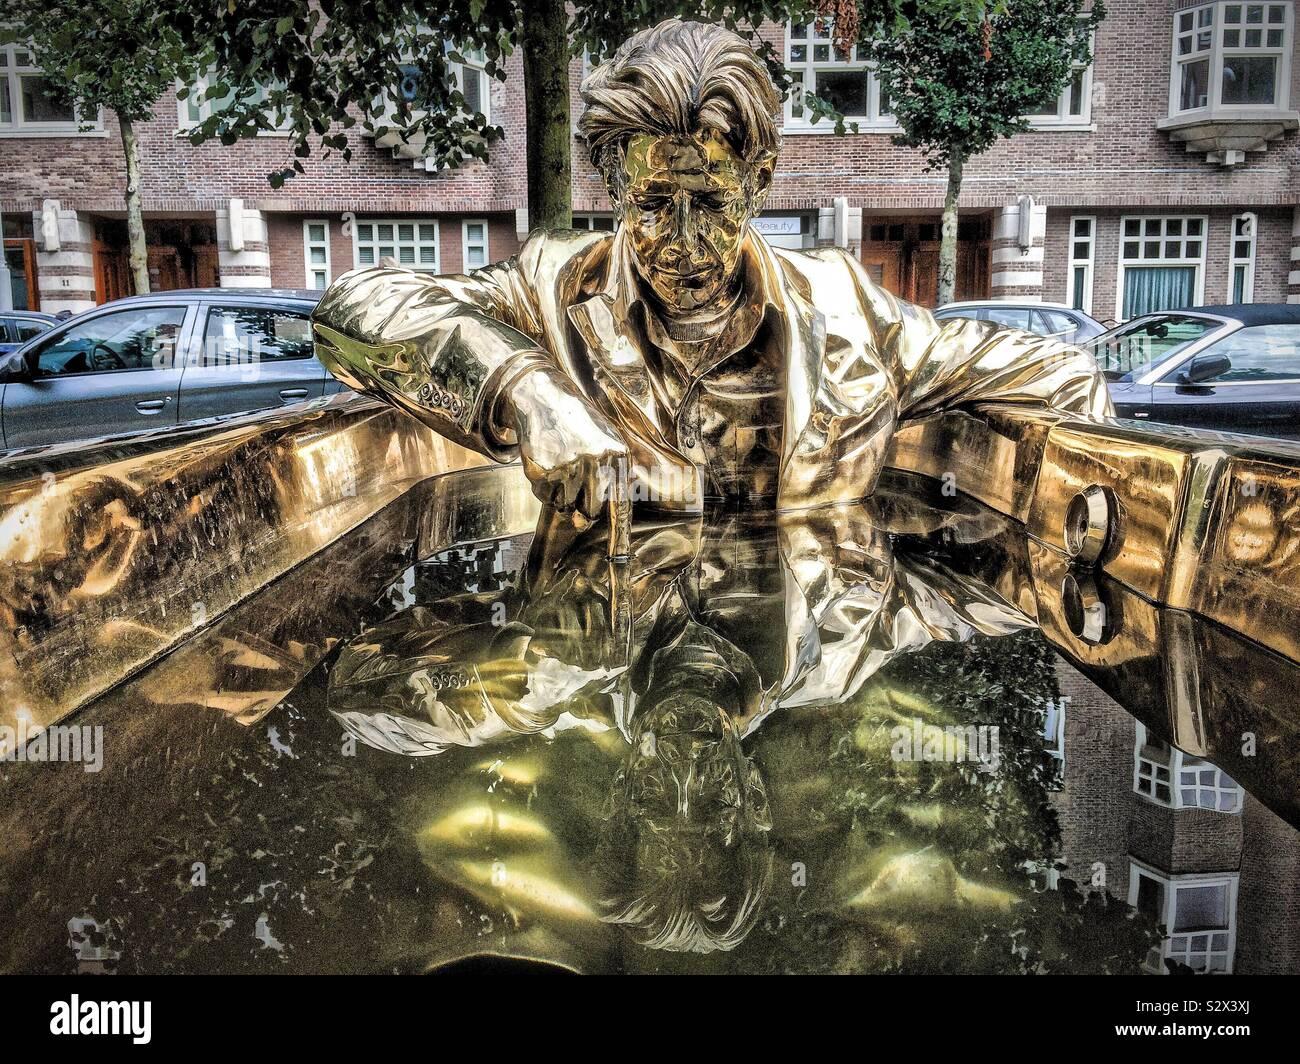 7 vasche da bagno e l'uomo che ha scritto su acqua Foto Stock